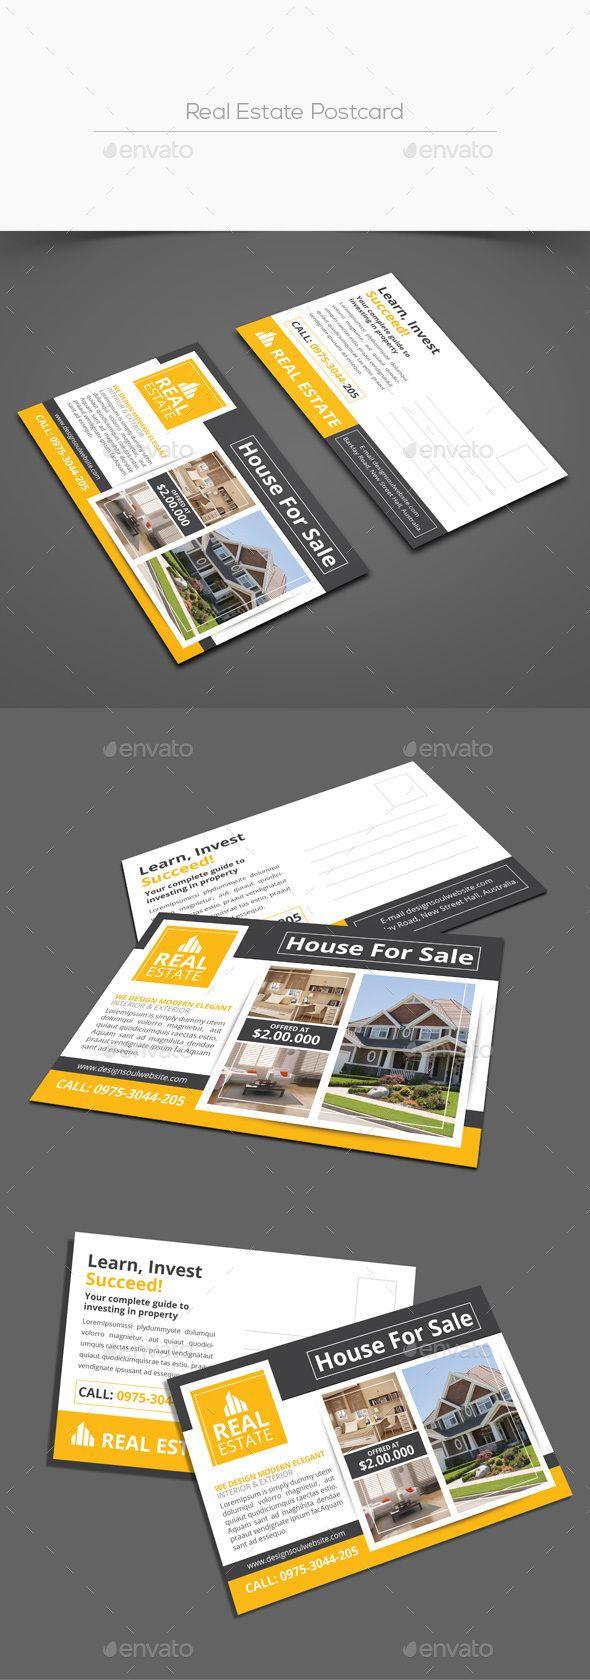 Realtor Real Estate Postcards Sold Postcard Keller Williams Eddm 6x11 Color Real Estate Postcards Real Estate Advertising Real Estate Business Cards